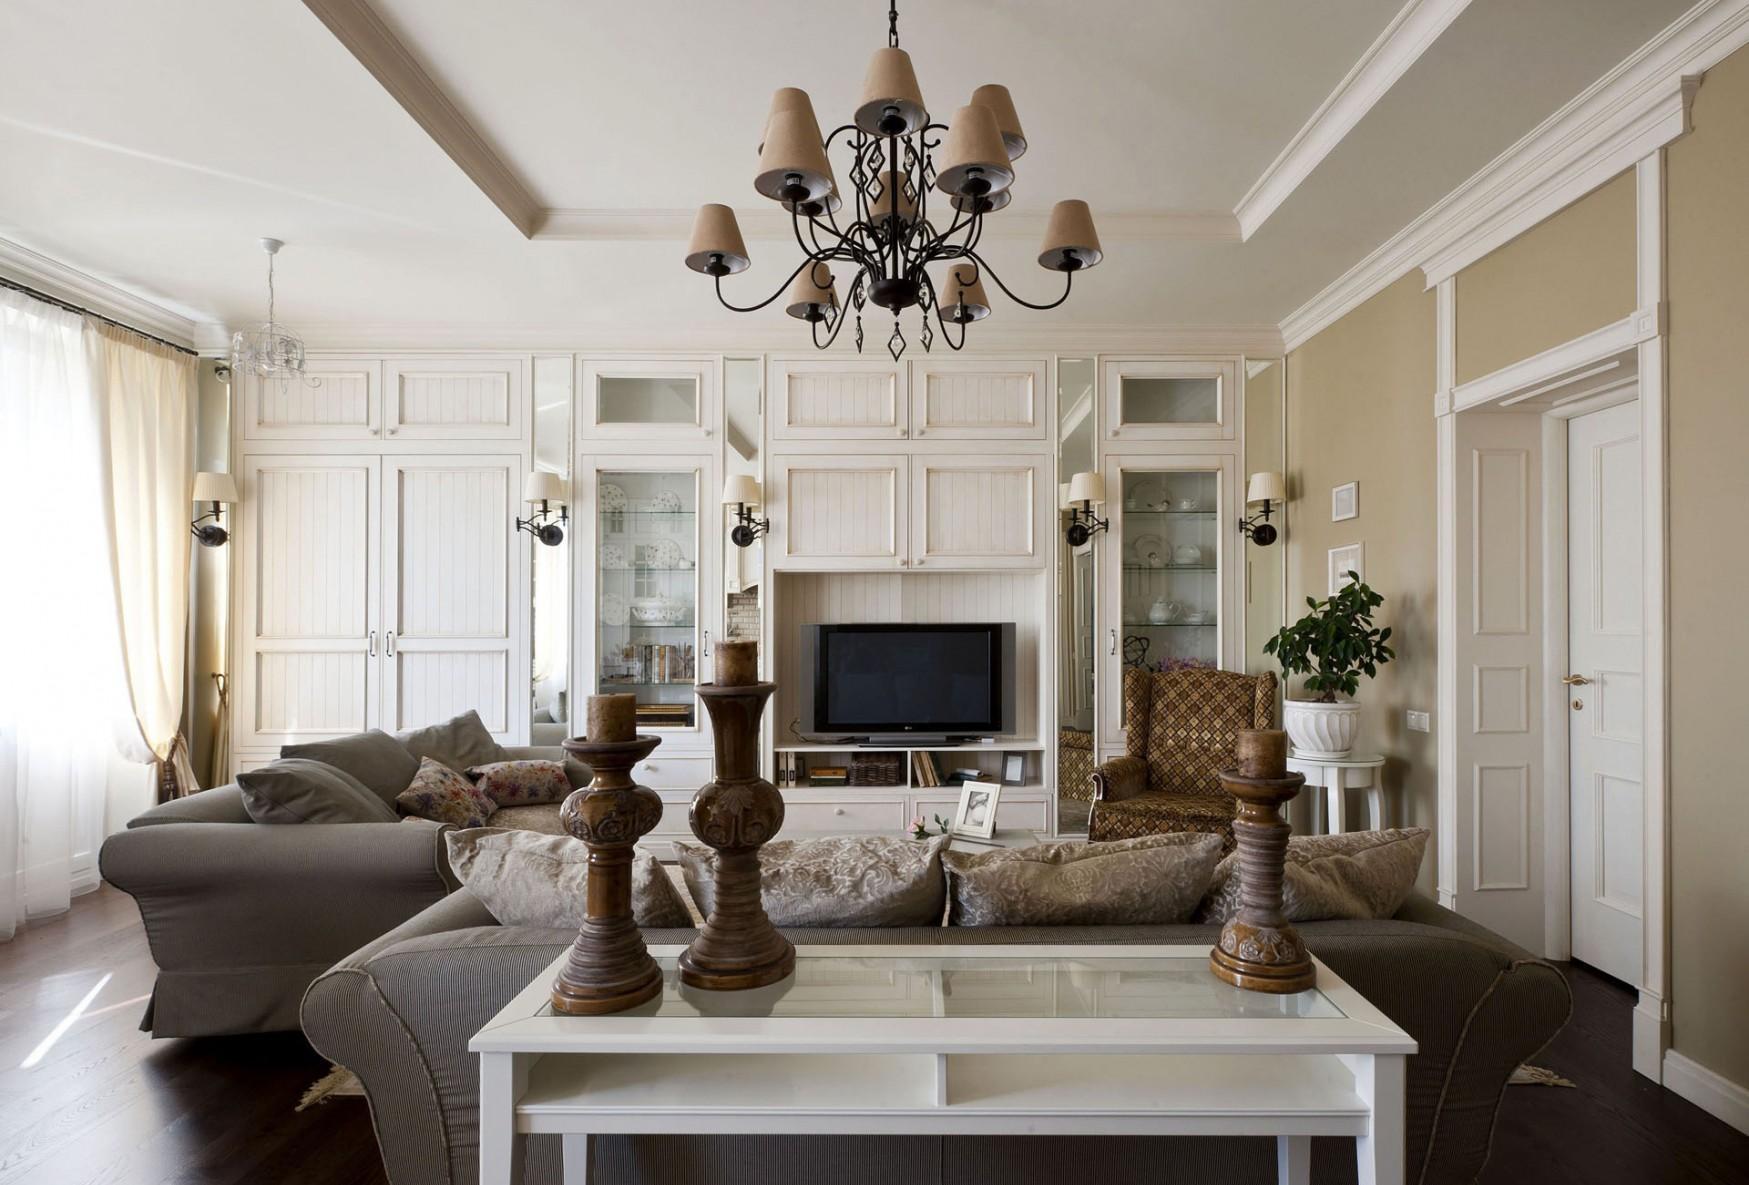 Бежево-коричневая гостиная в стиле прованс